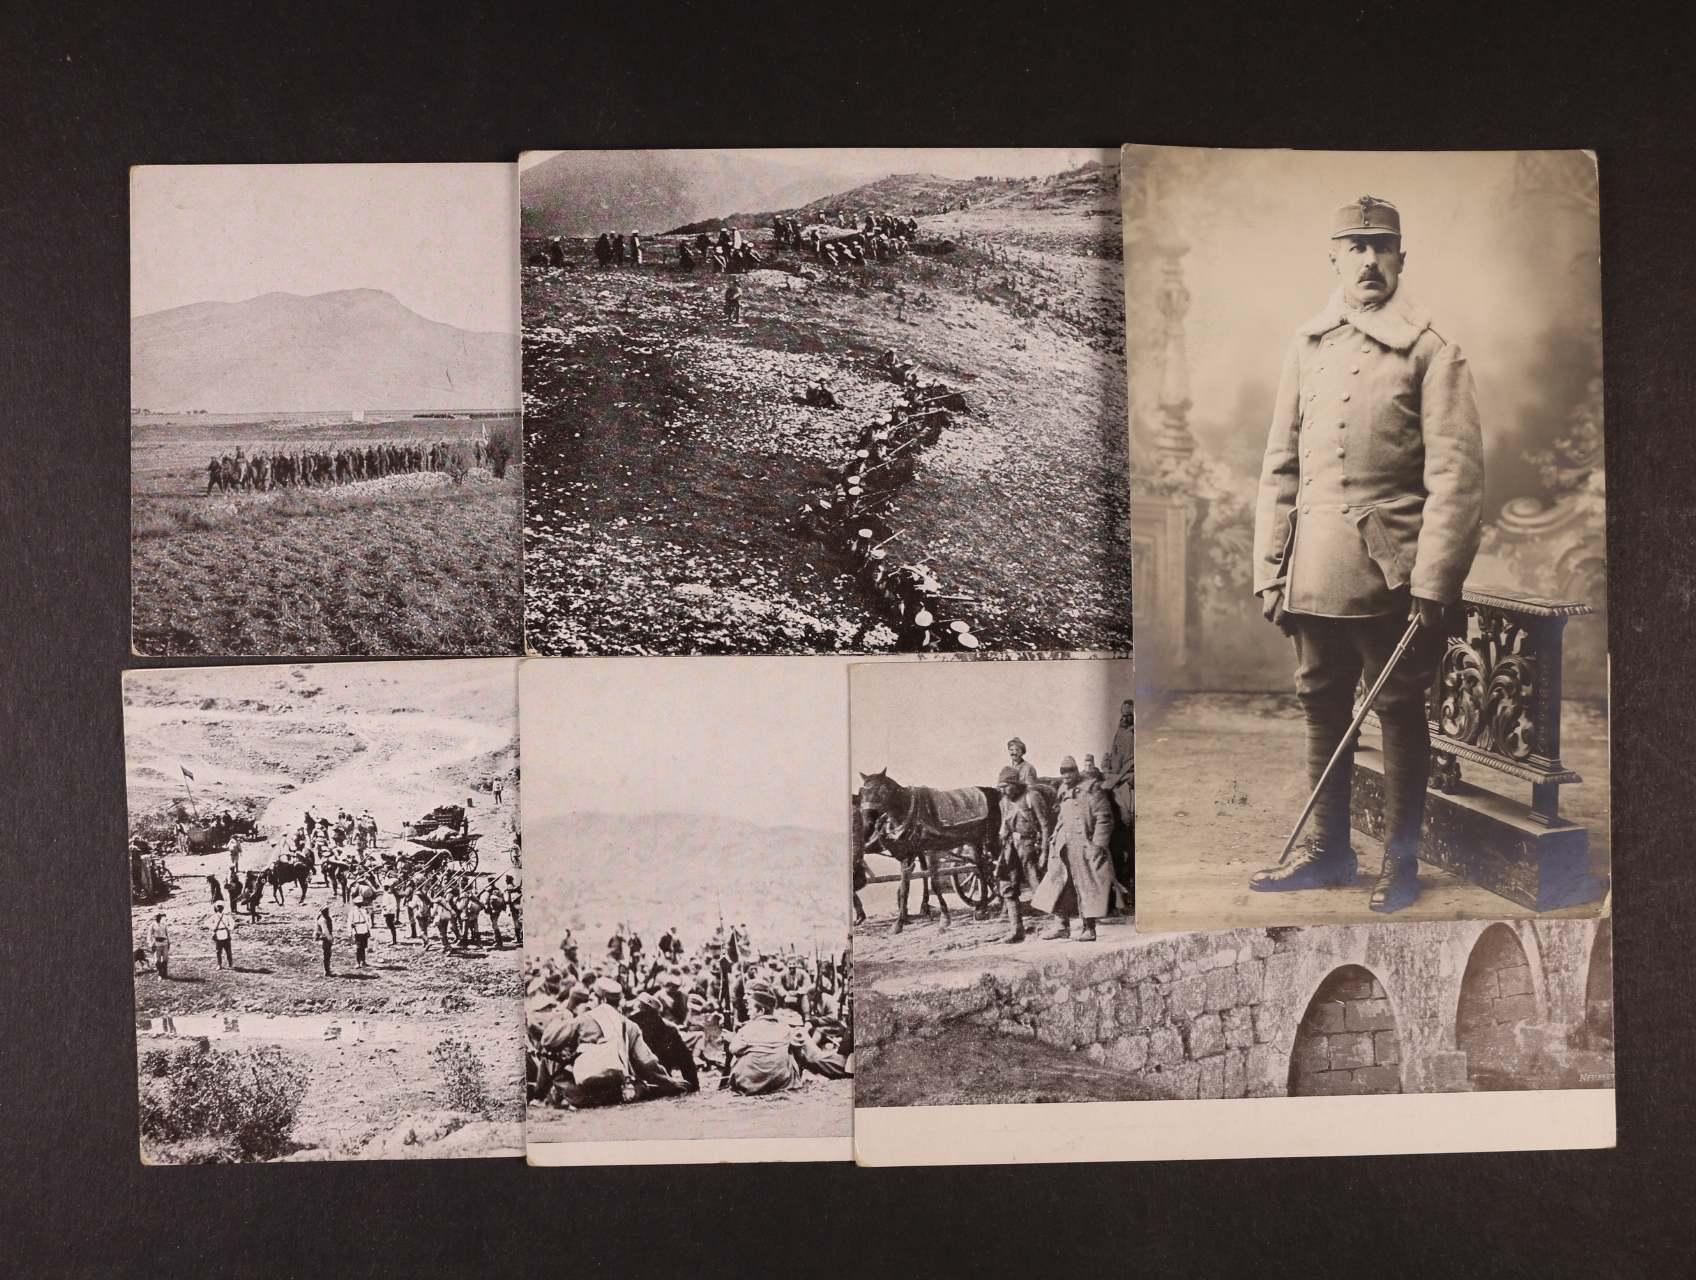 Vojenské - 6 ks fotopohlednic různých armád (bulharská pěchota, černohorské vojsko, útěk Turků ..., nepoužité